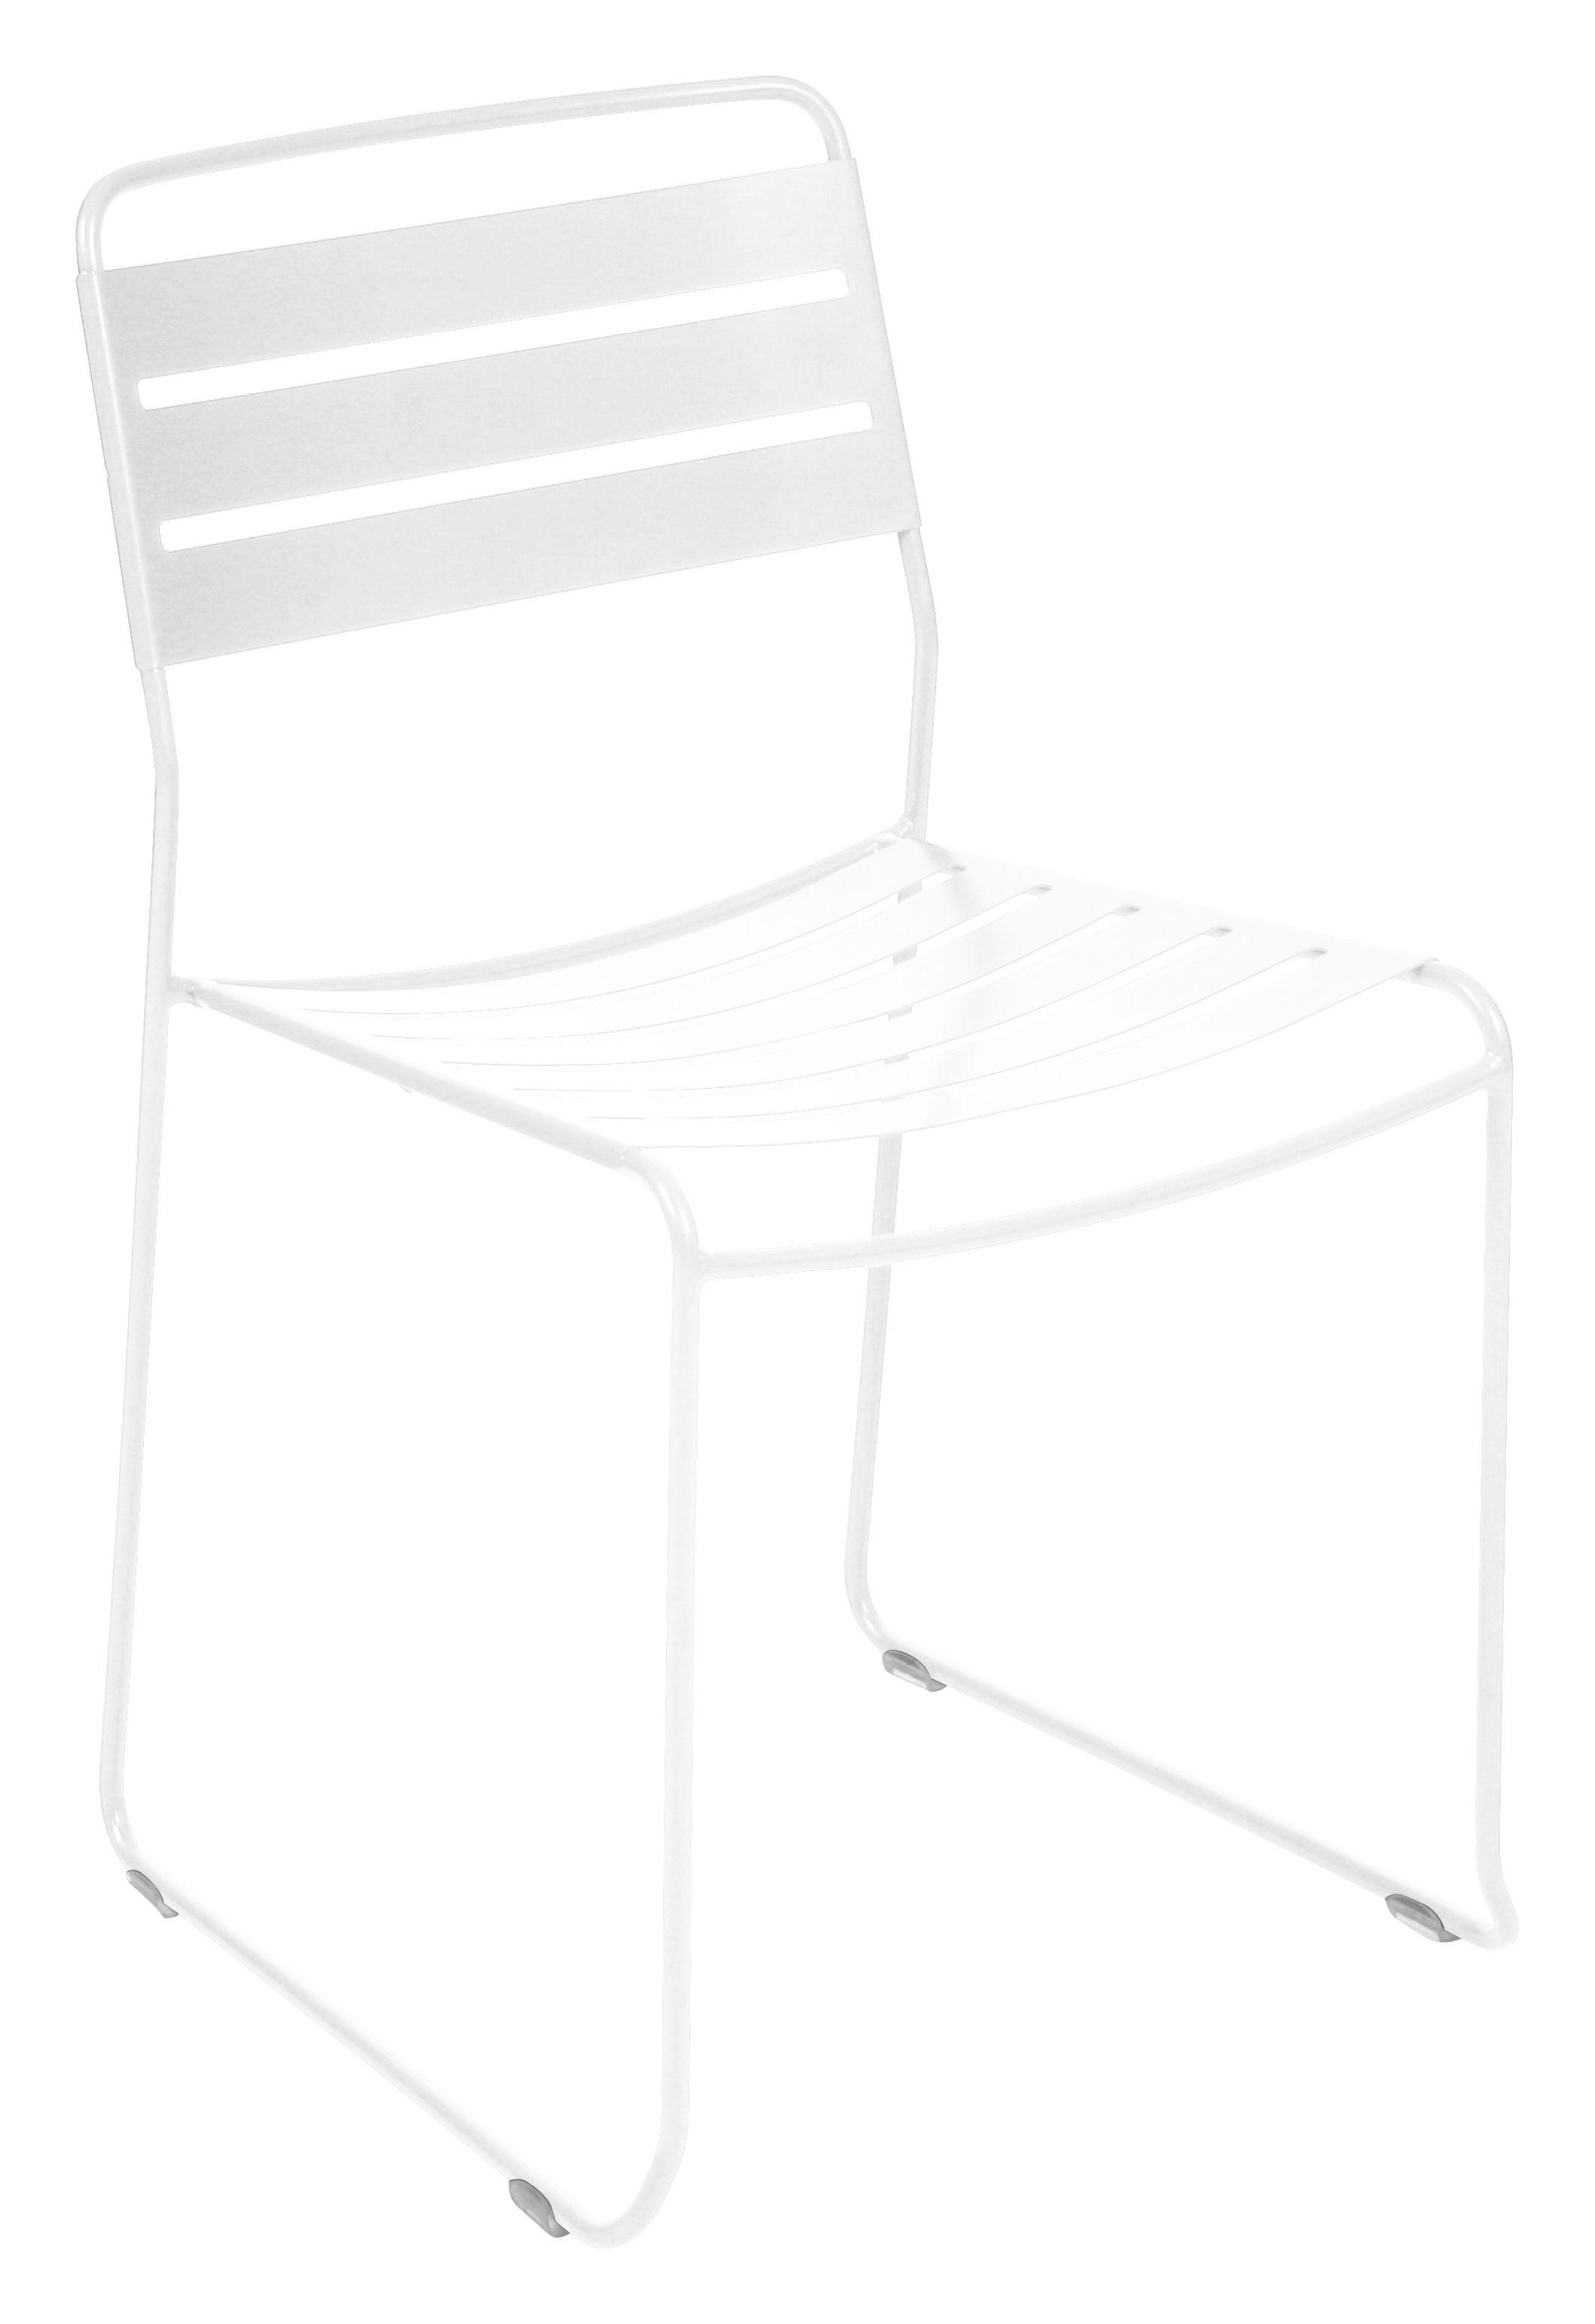 Mobilier - Chaises, fauteuils de salle à manger - Chaise empilable Surprising / Métal - Fermob - Blanc - Acier